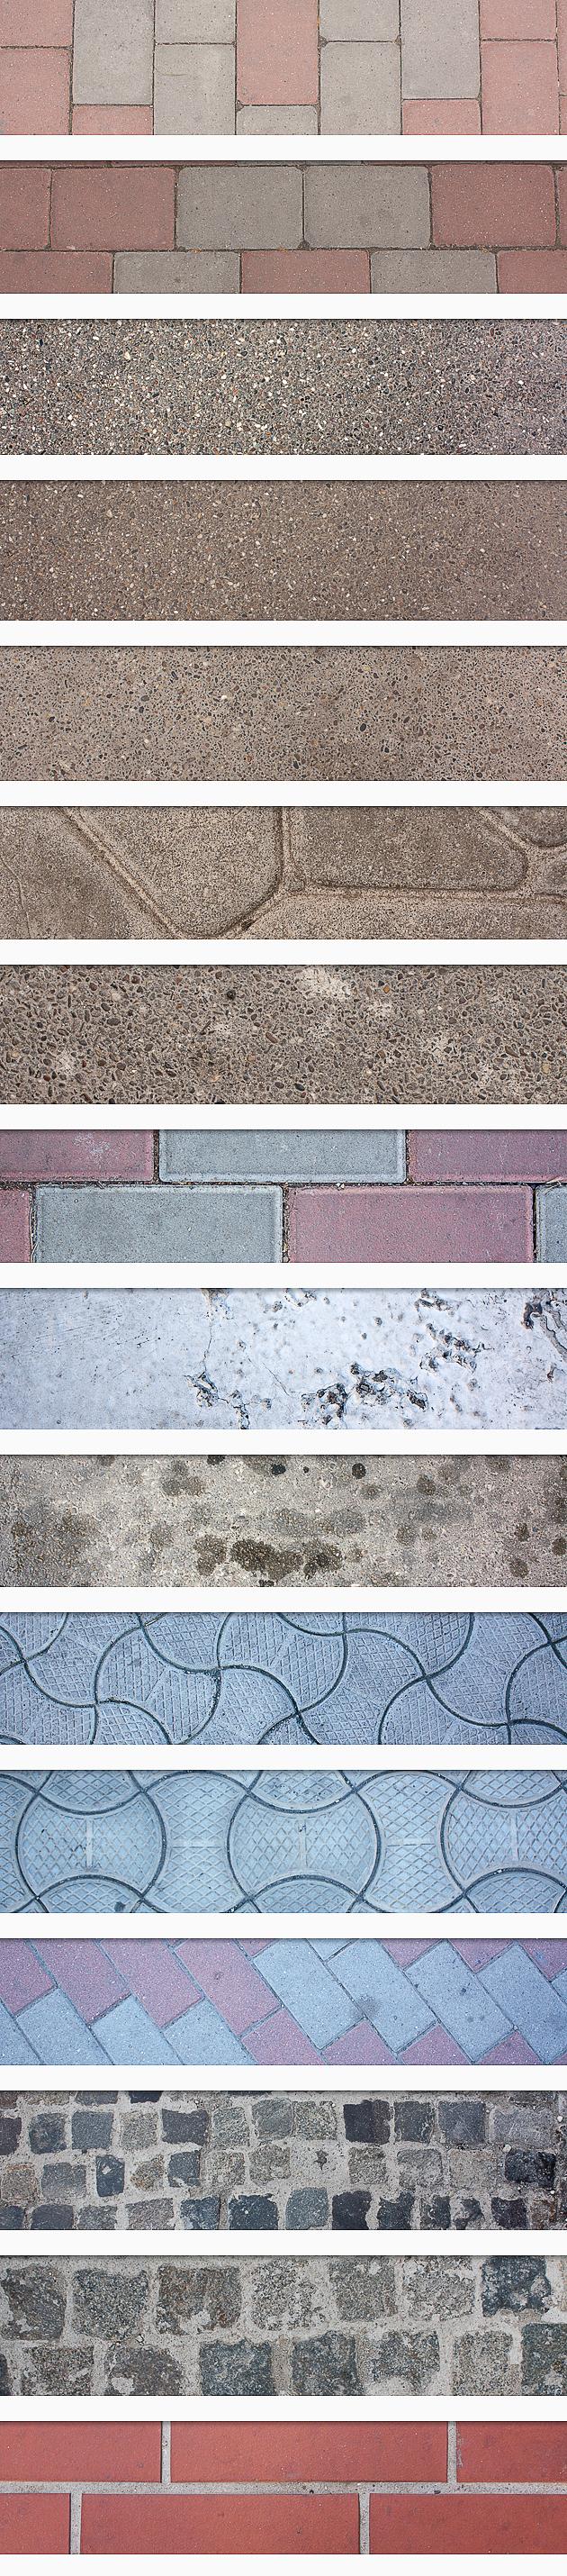 Pavement Textures Set 1 designtnt textures pavement 1 large